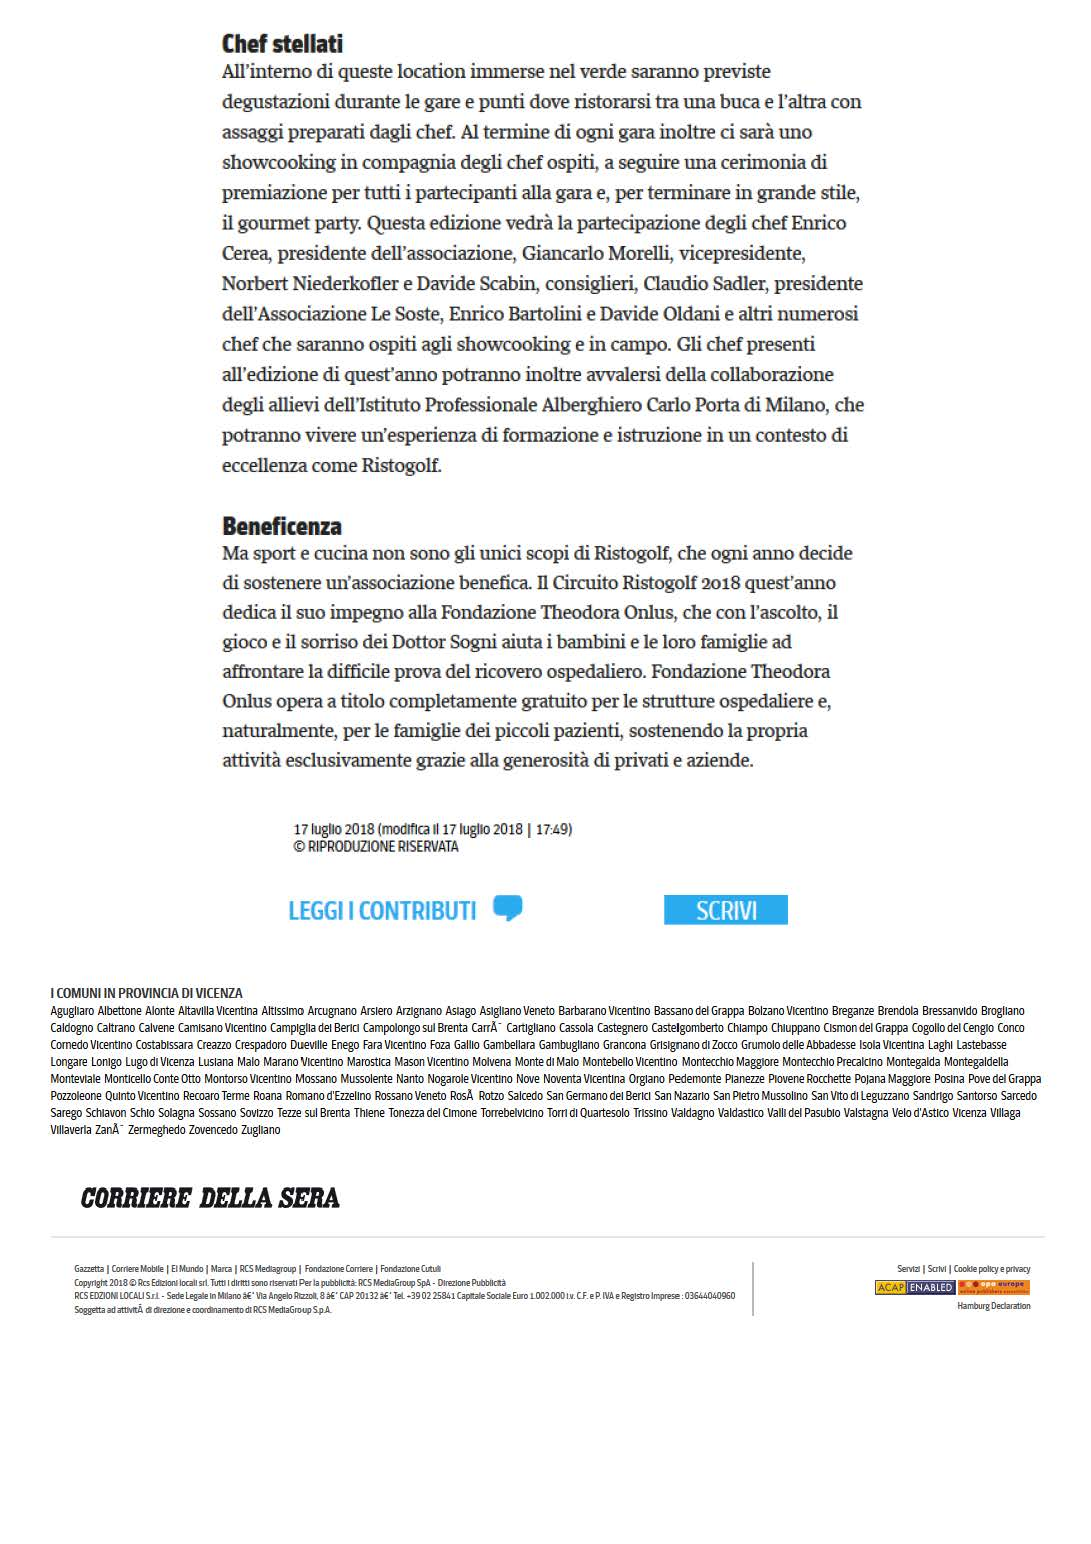 2018.07.18 Il Corriere del Veneto_Page_2